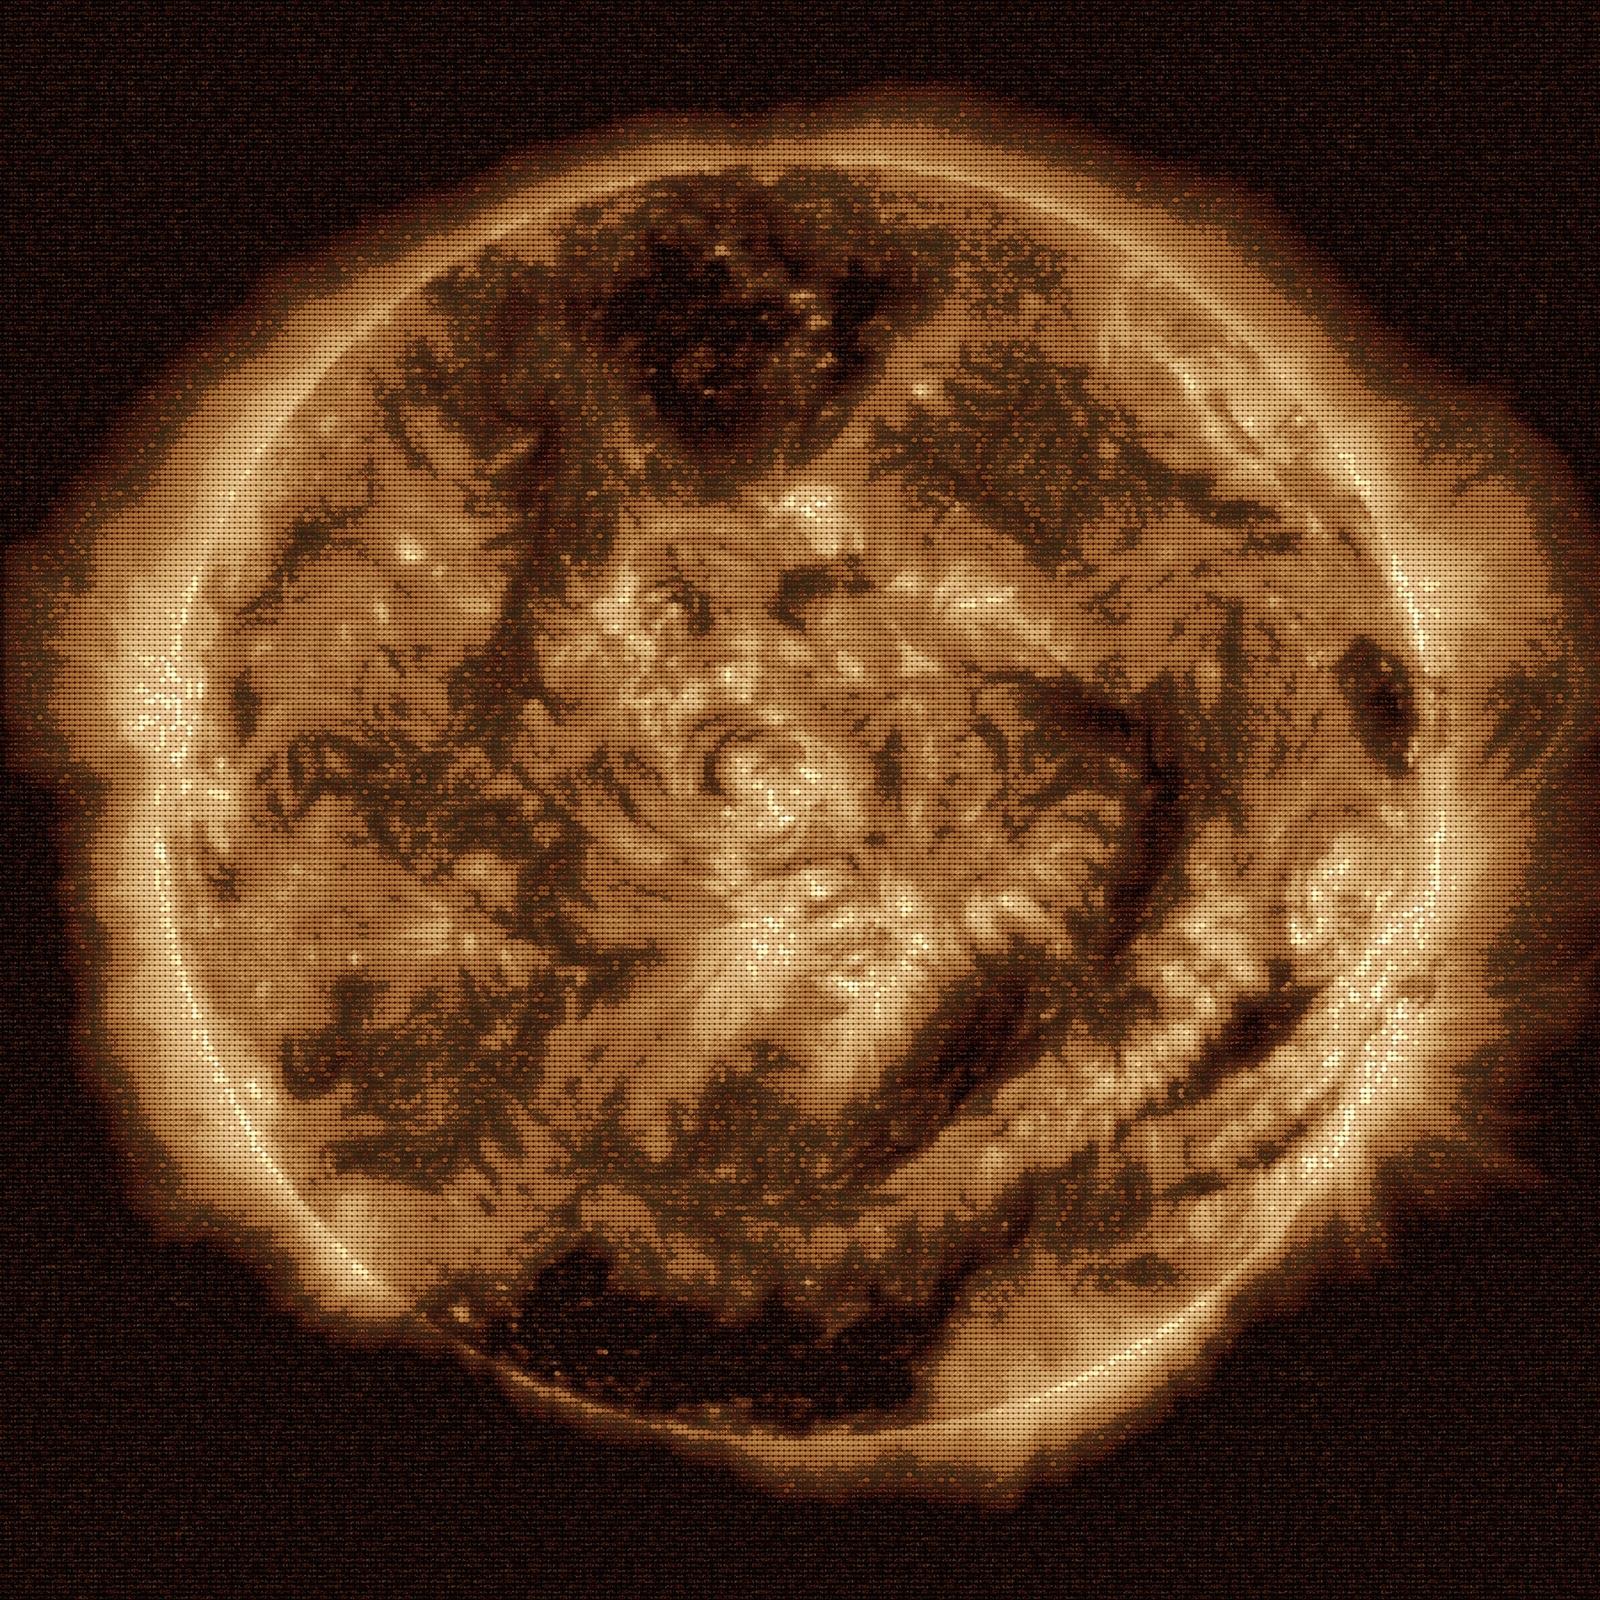 Pour la 100 millionièmes image du Soleil par la sonde SDO